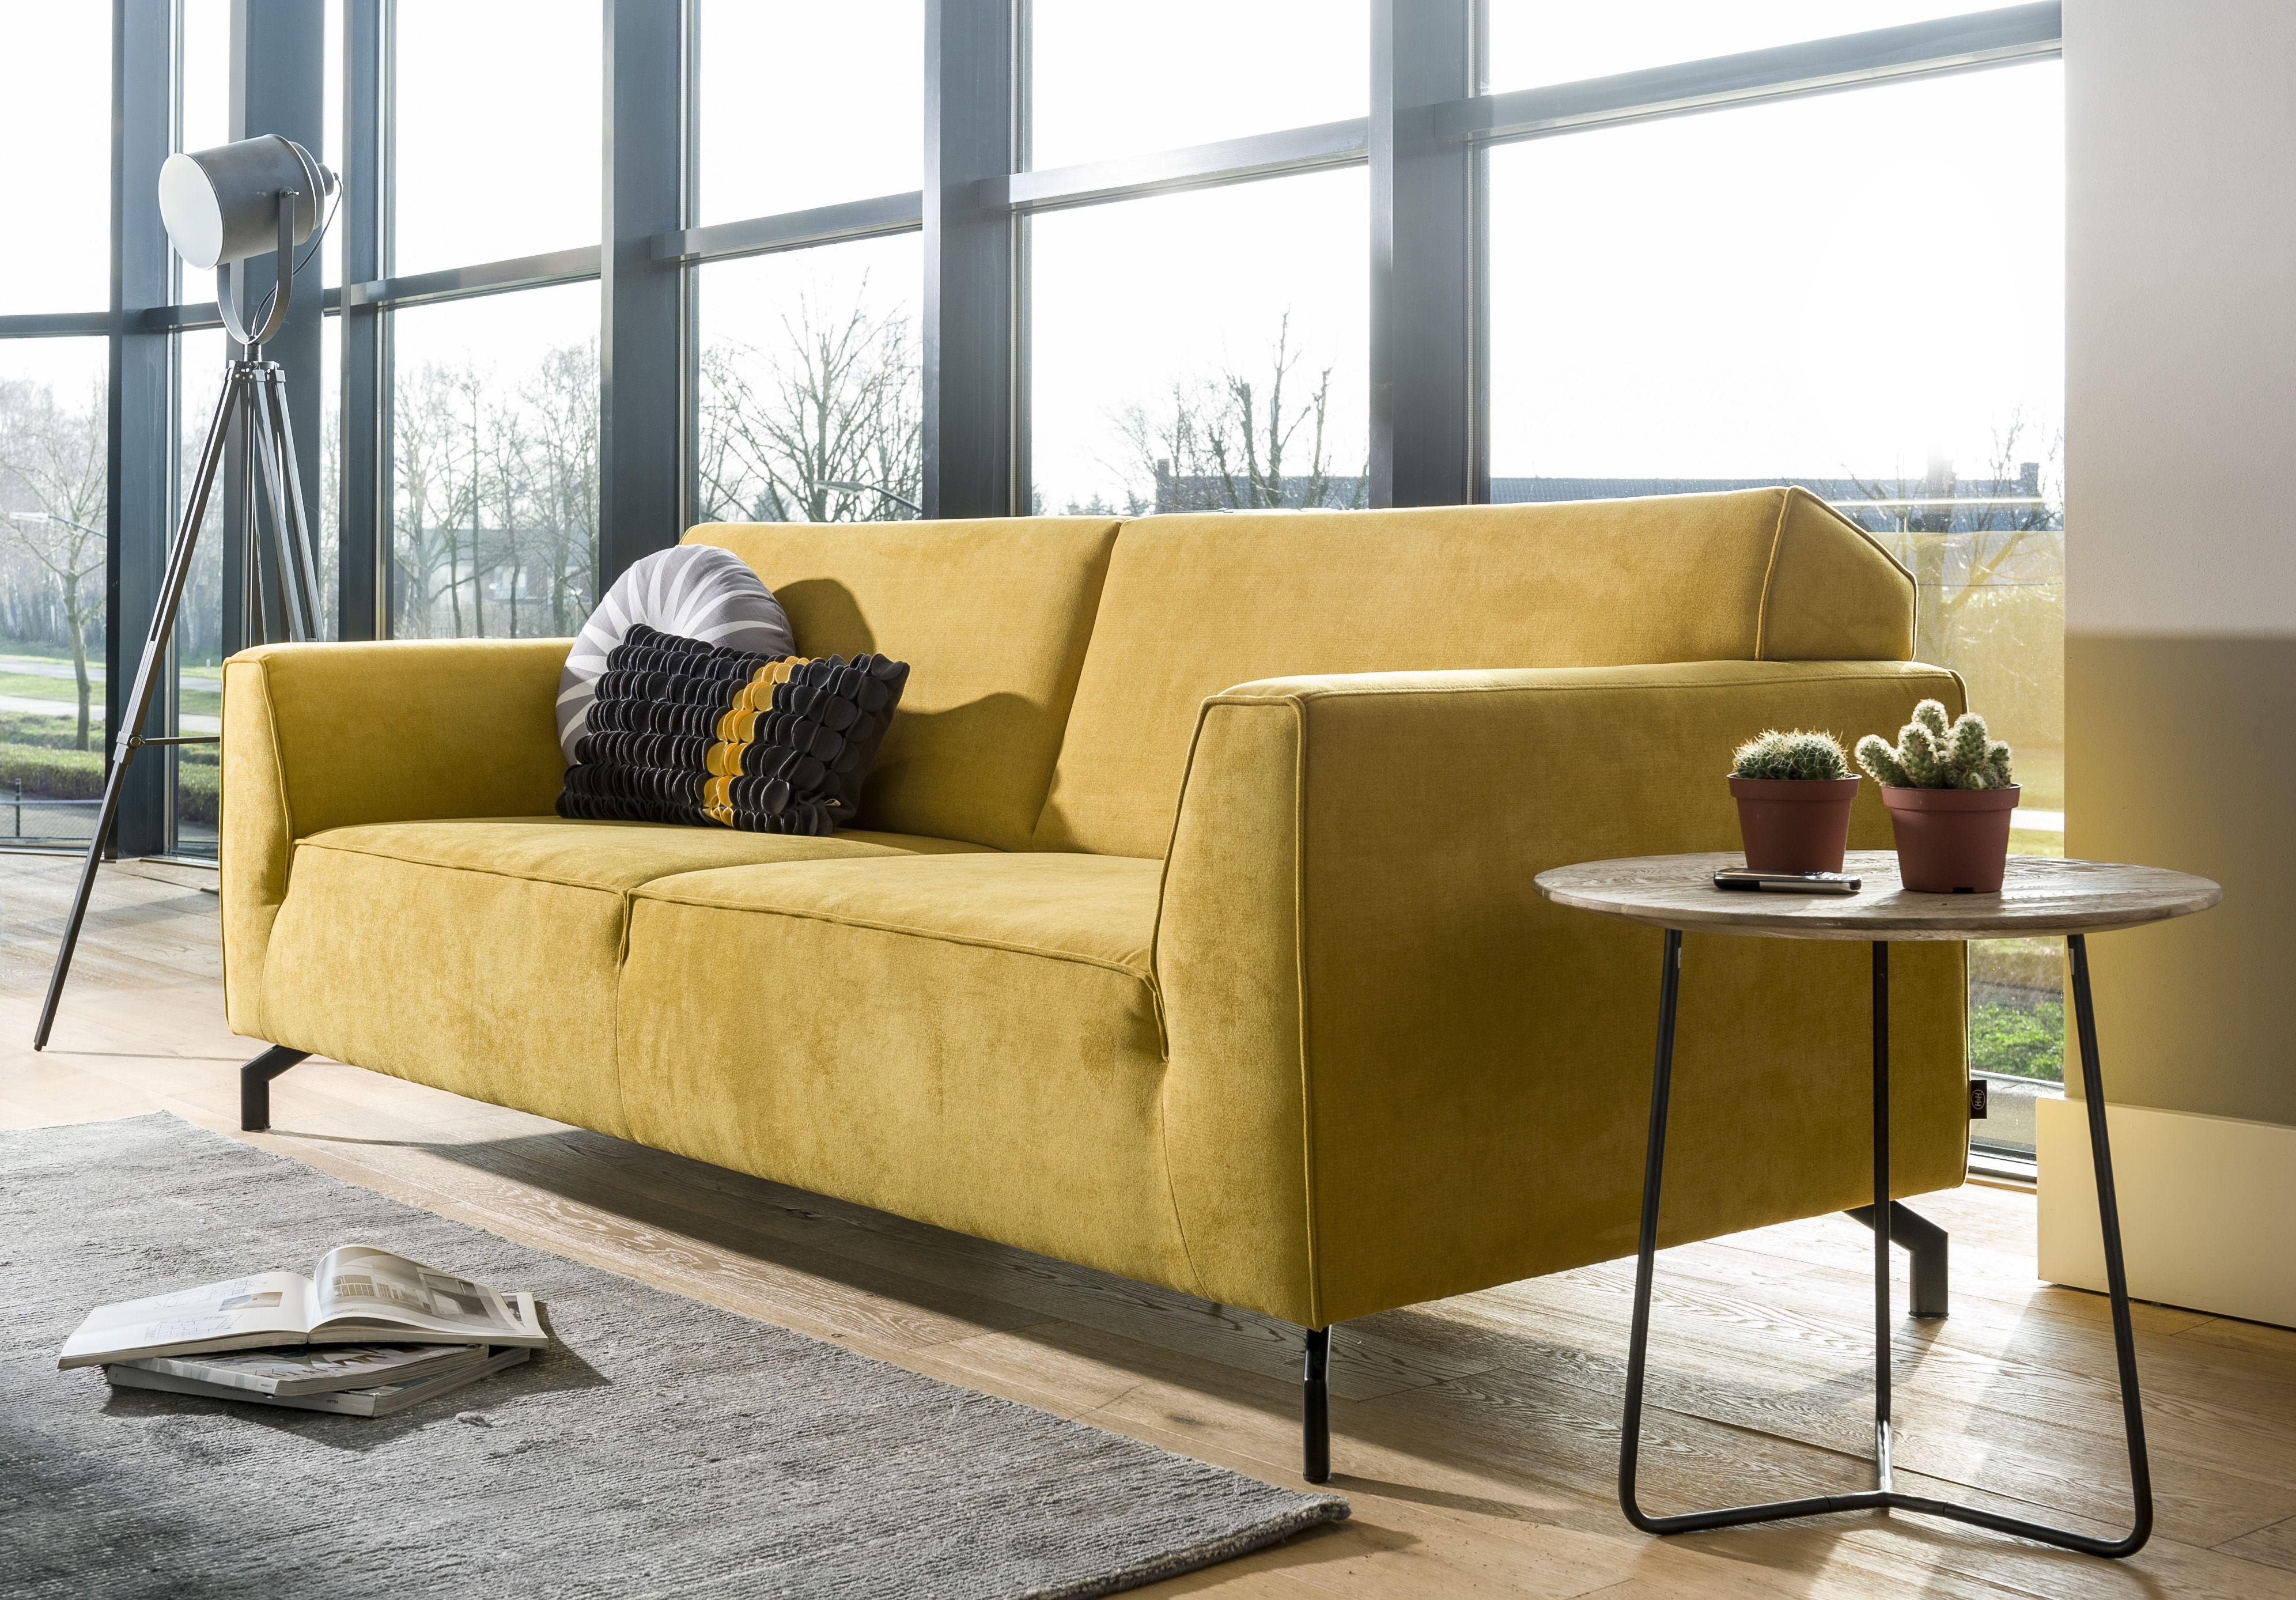 Woontrend Yellow Blush | Inspiratie | Eijerkamp #interieur ...